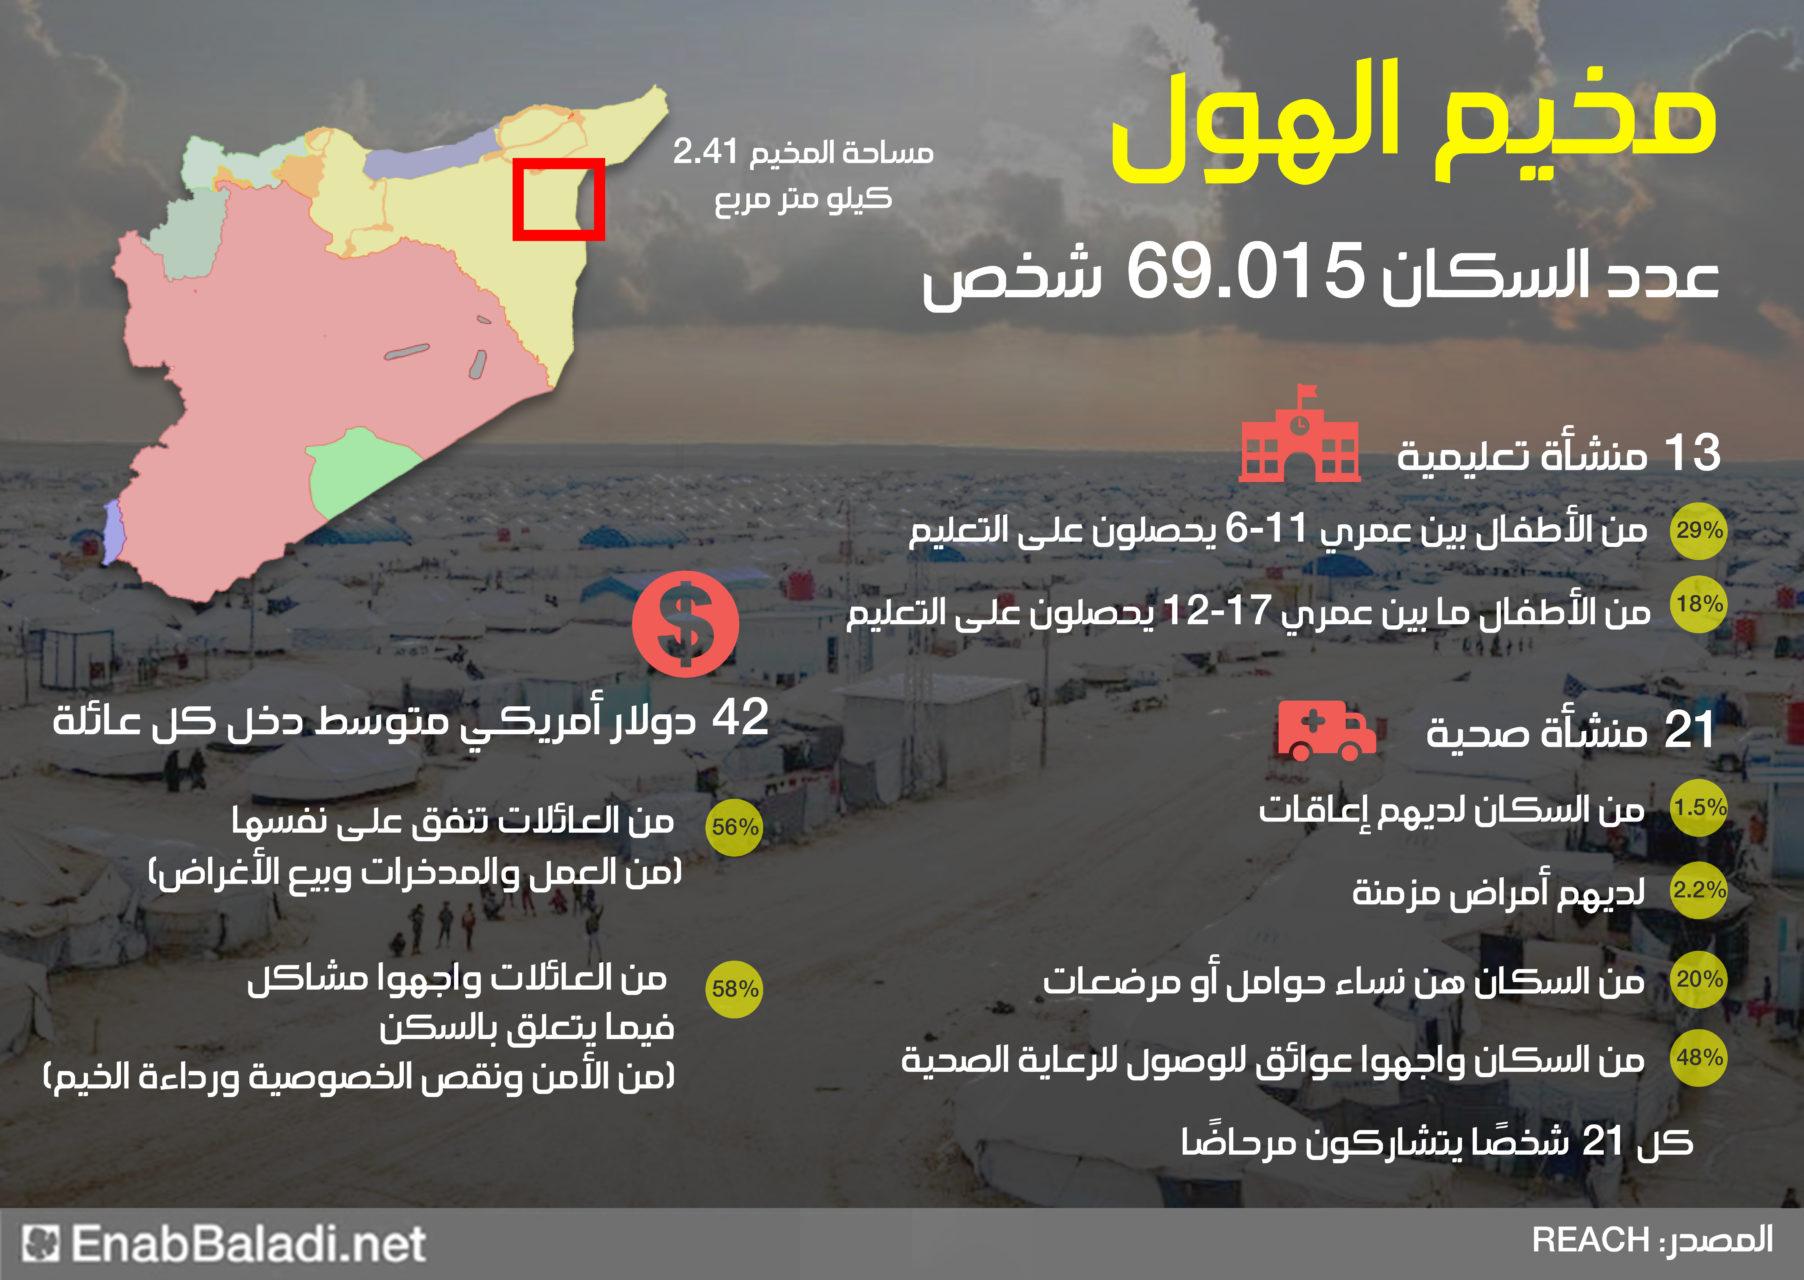 إنفوغراف يوضح بالأرقام الوضع الإنساني لمخيم الهول شمال شرقي سوريا - (عنب بلدي)